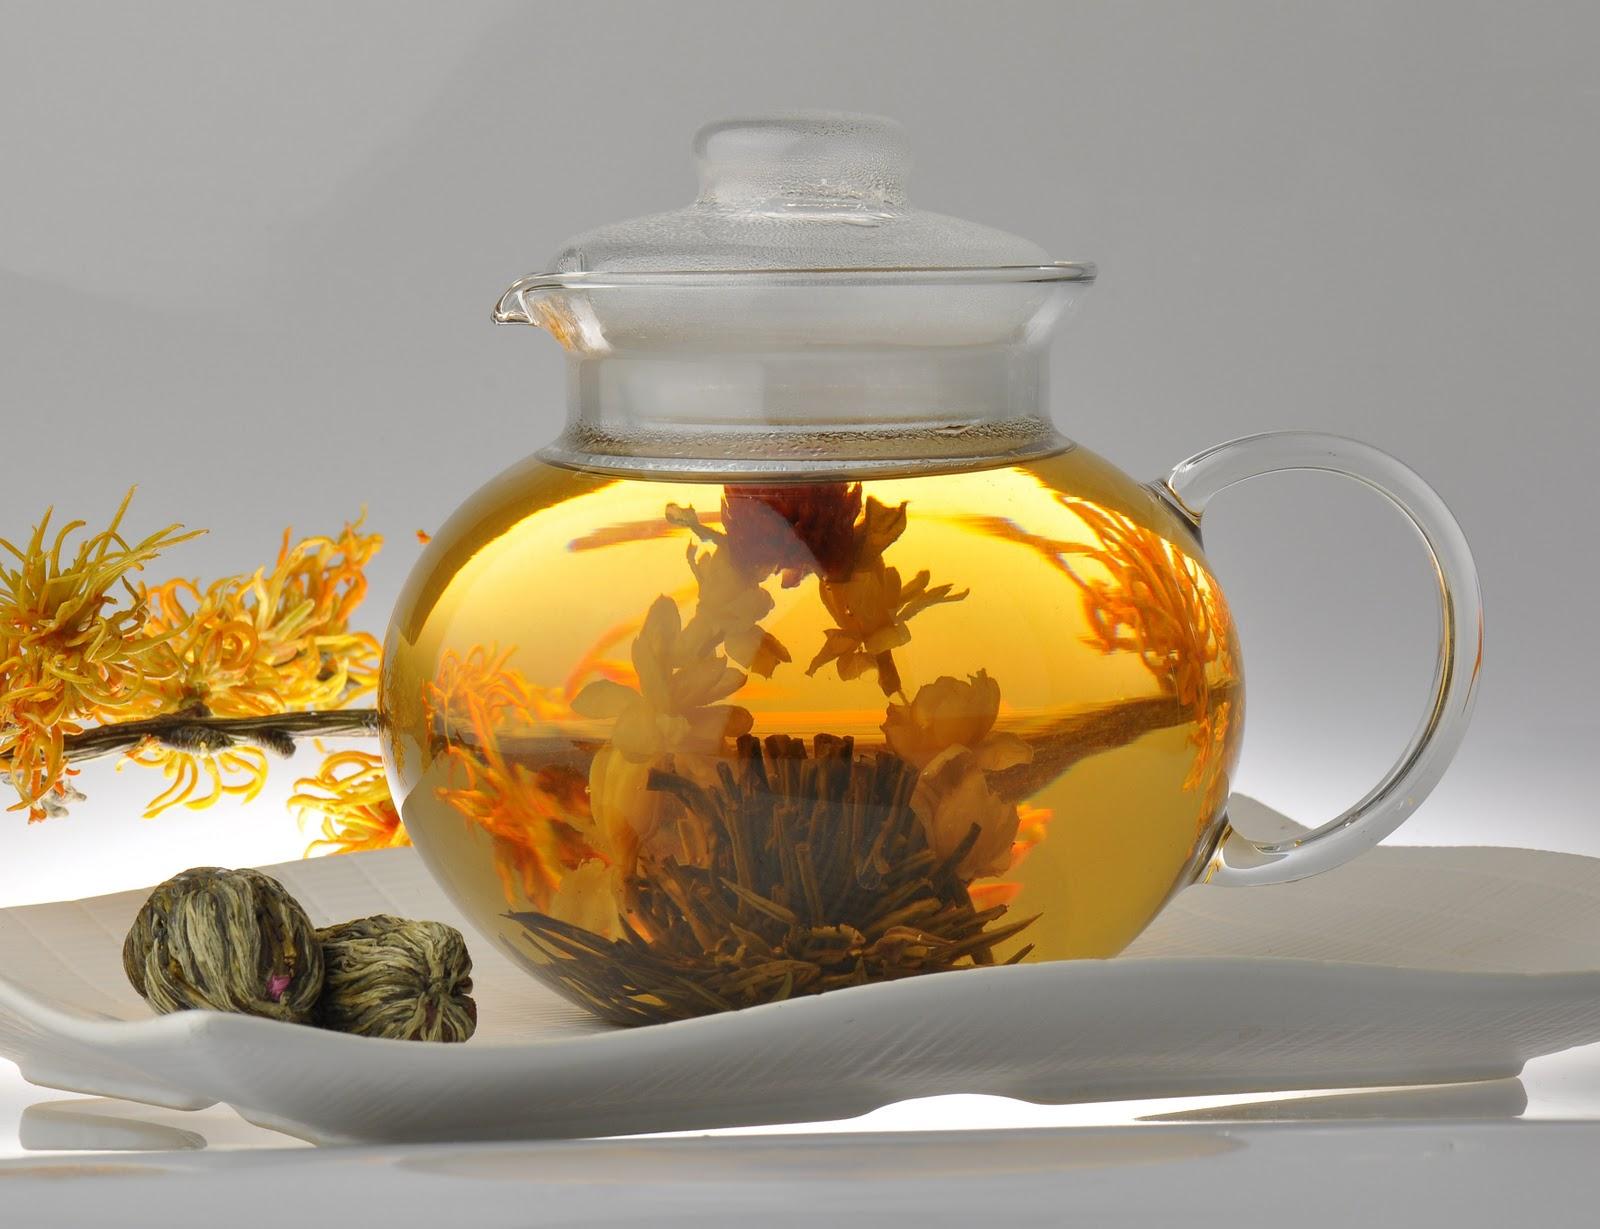 http://1.bp.blogspot.com/-MGMRLAJAieM/Tx8mcLcrrYI/AAAAAAAACwU/rThALEAKr-k/s1600/Blooming+tea04.jpg